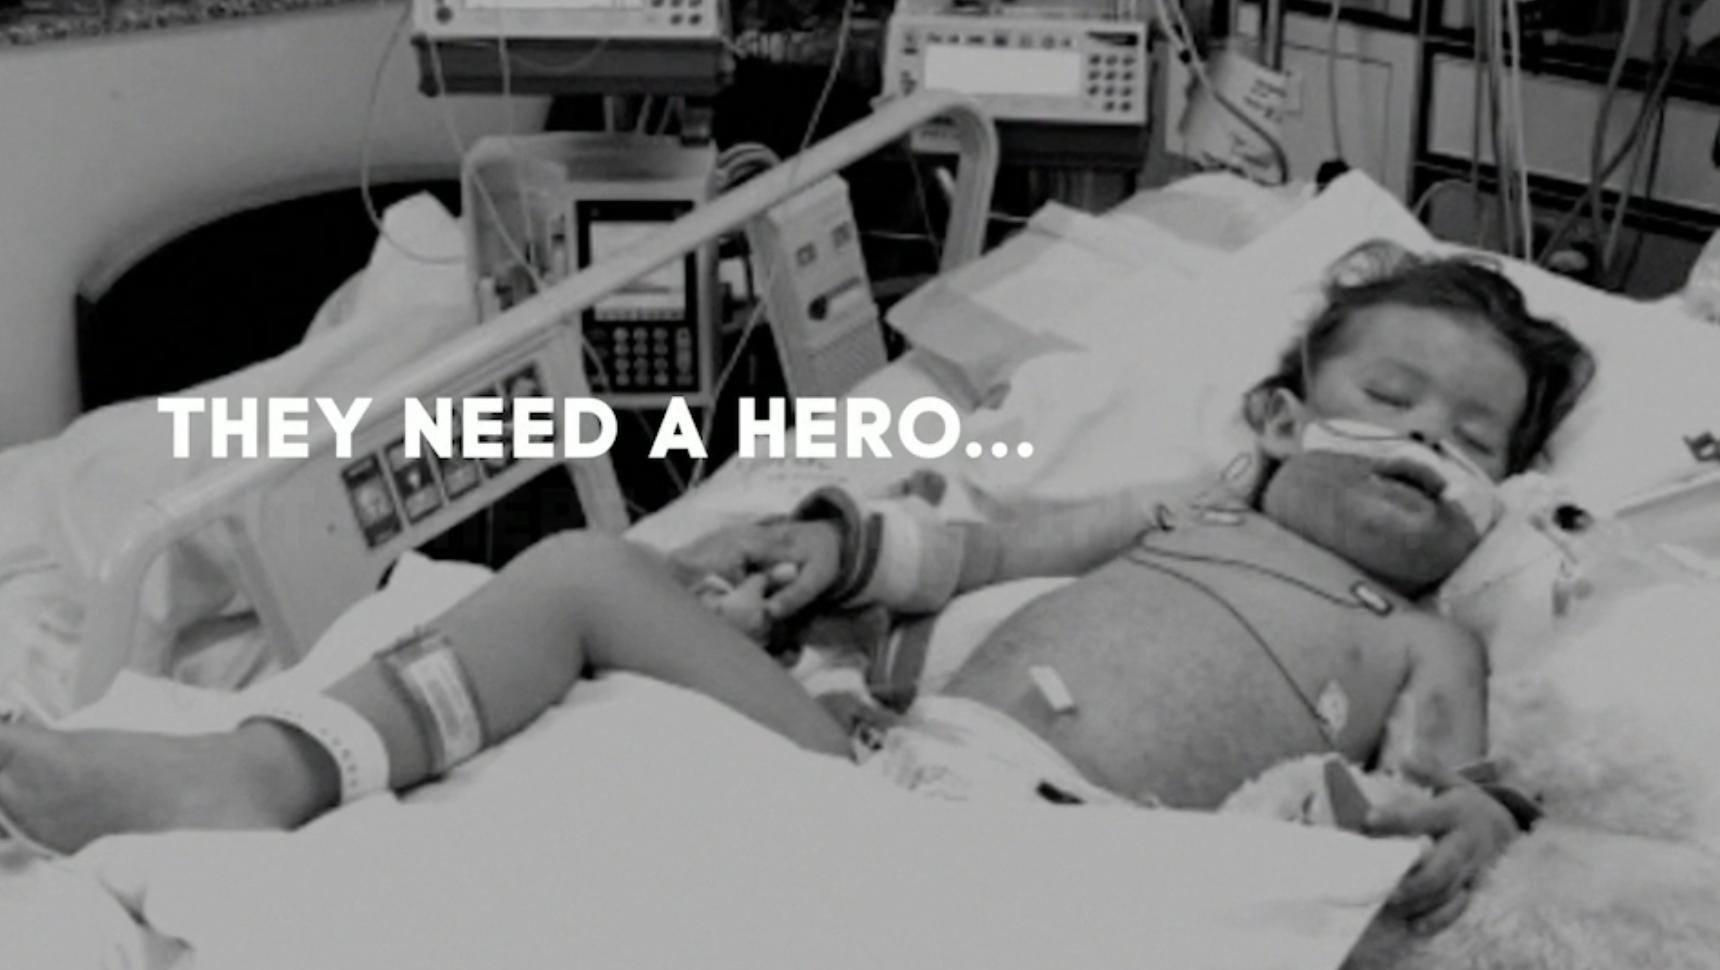 Bone Marrow Registry: Donde encontrar un héroe